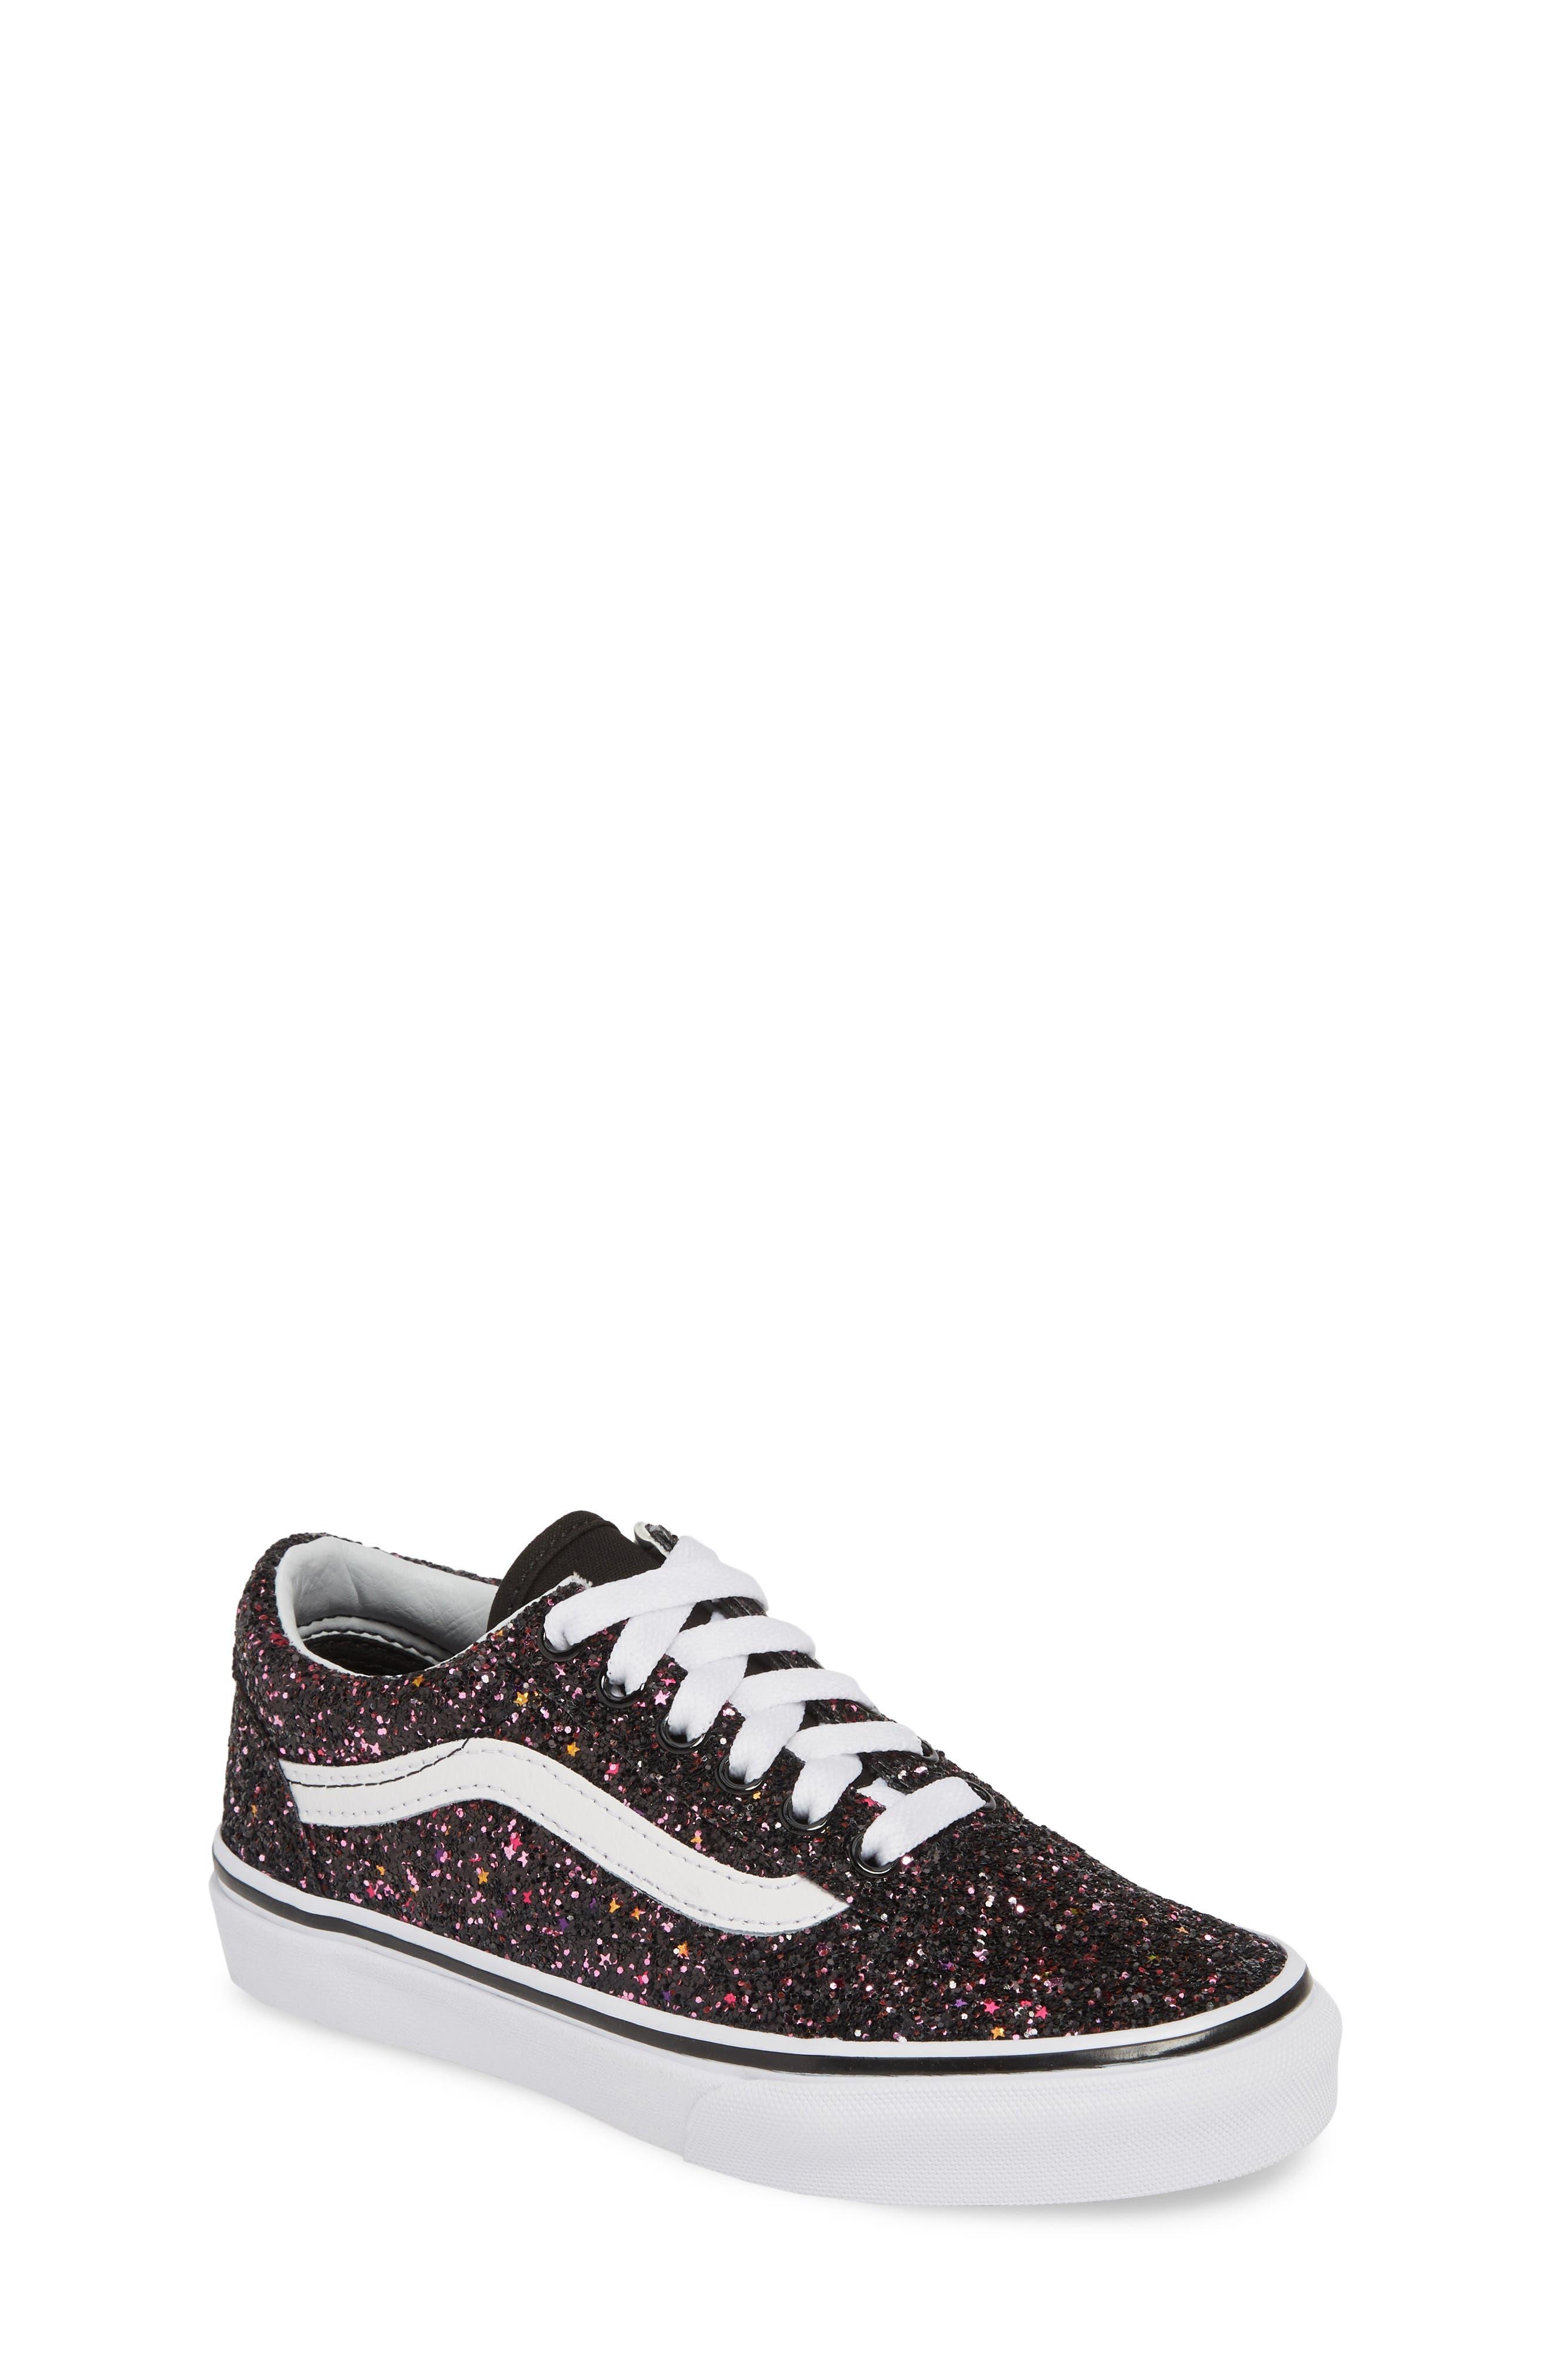 VANS Old Skool Sneaker, Main, color, GLITTER STARS BLACK/ WHITE